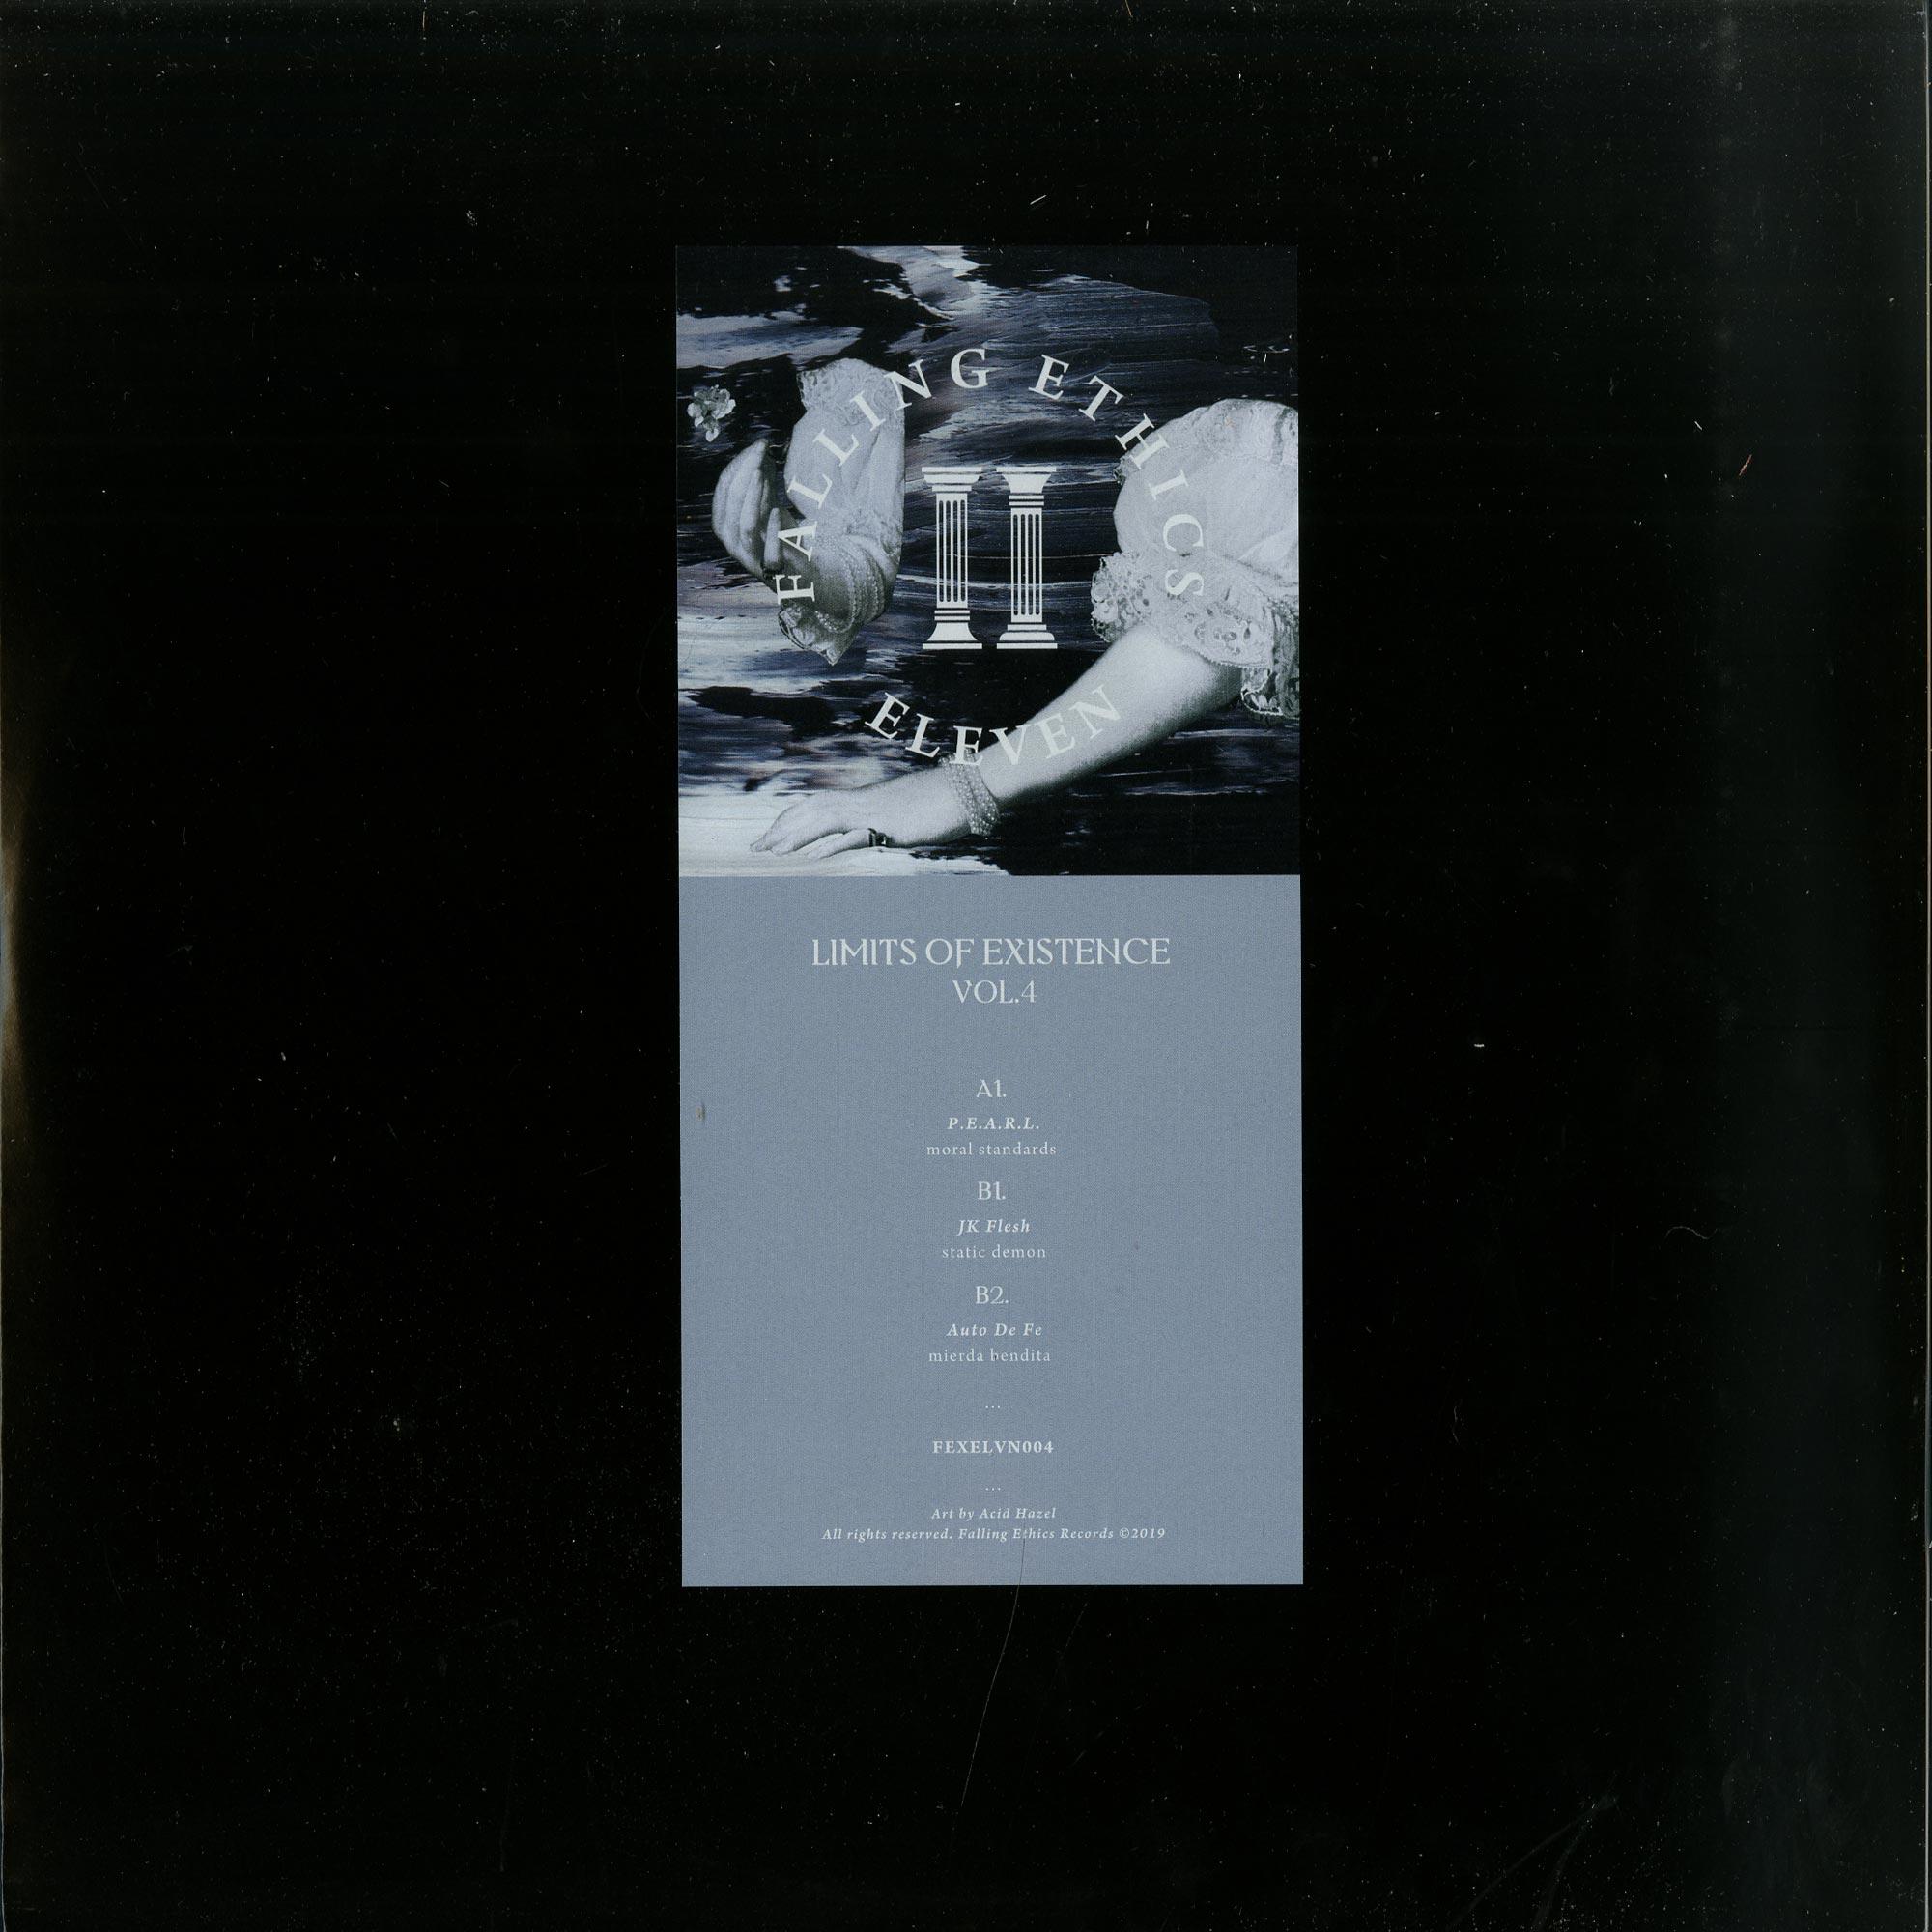 P.E.A.R.L. / JK Flesh / Auto De Fe - LIMITS OF EXISTENCE VOL. 4